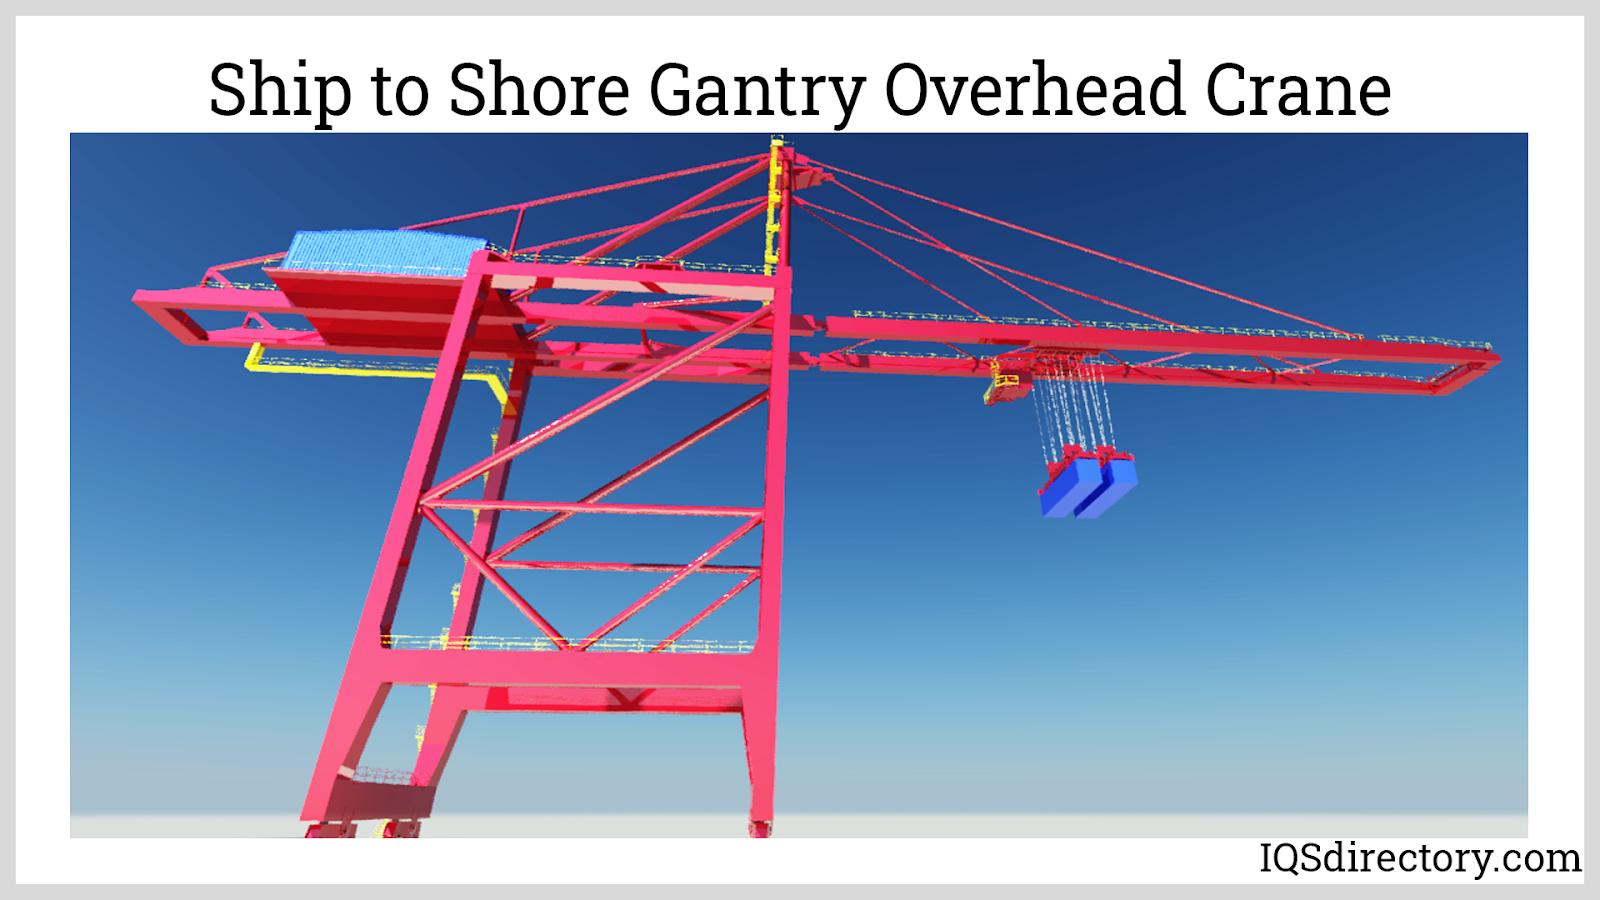 Ship to Shore Gantry Overhead Crane